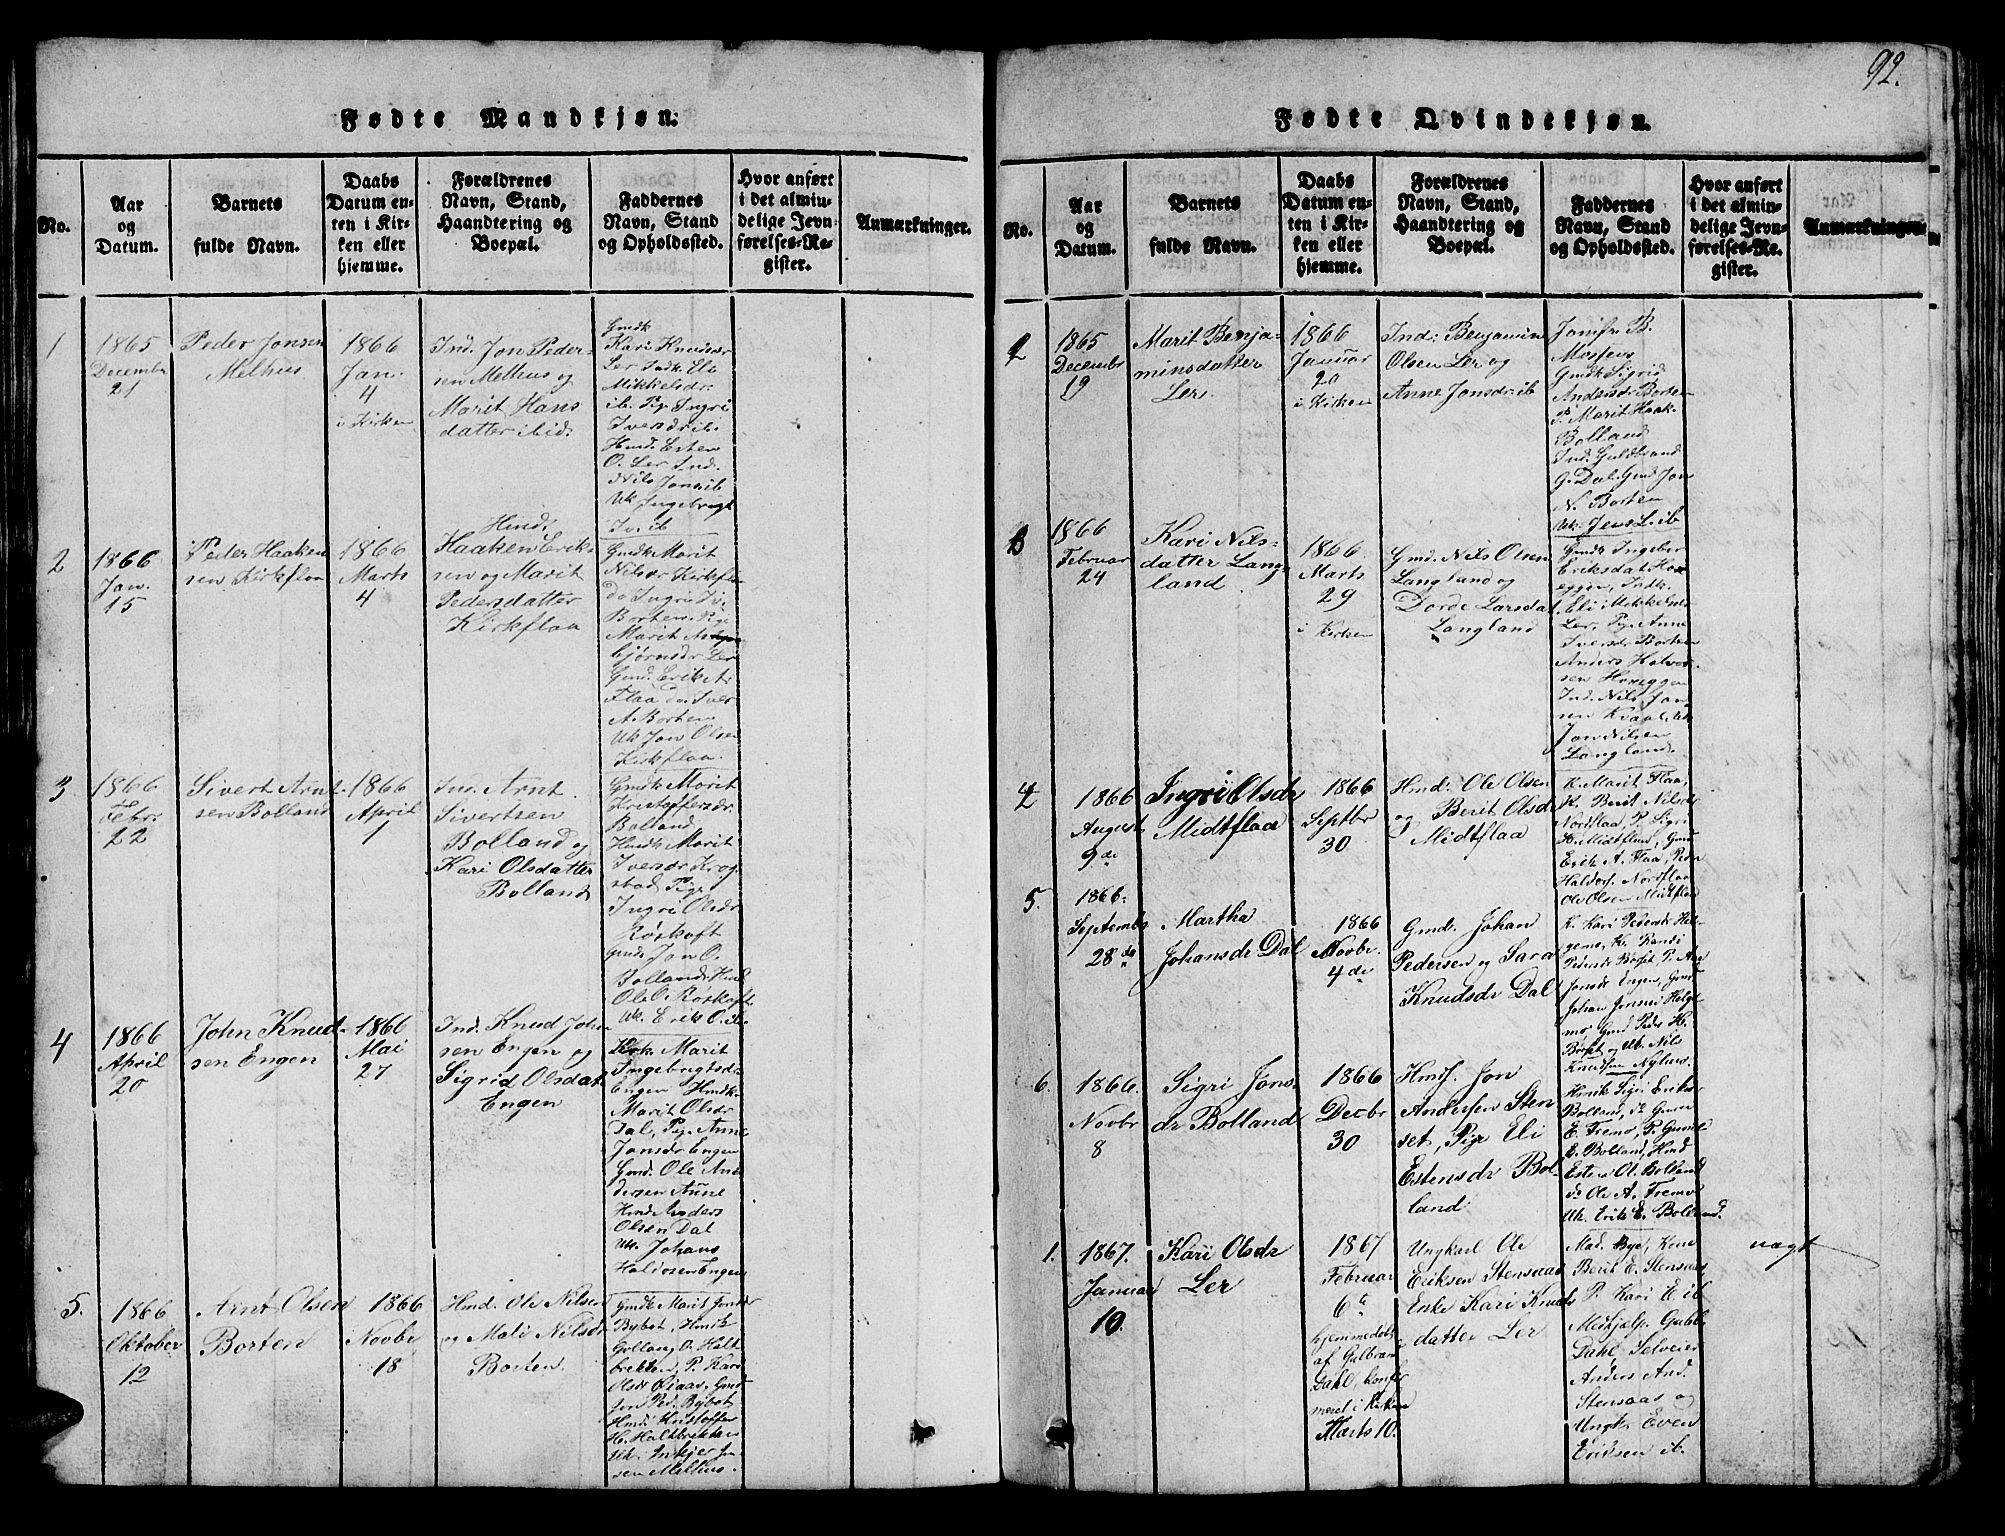 SAT, Ministerialprotokoller, klokkerbøker og fødselsregistre - Sør-Trøndelag, 693/L1121: Klokkerbok nr. 693C02, 1816-1869, s. 92